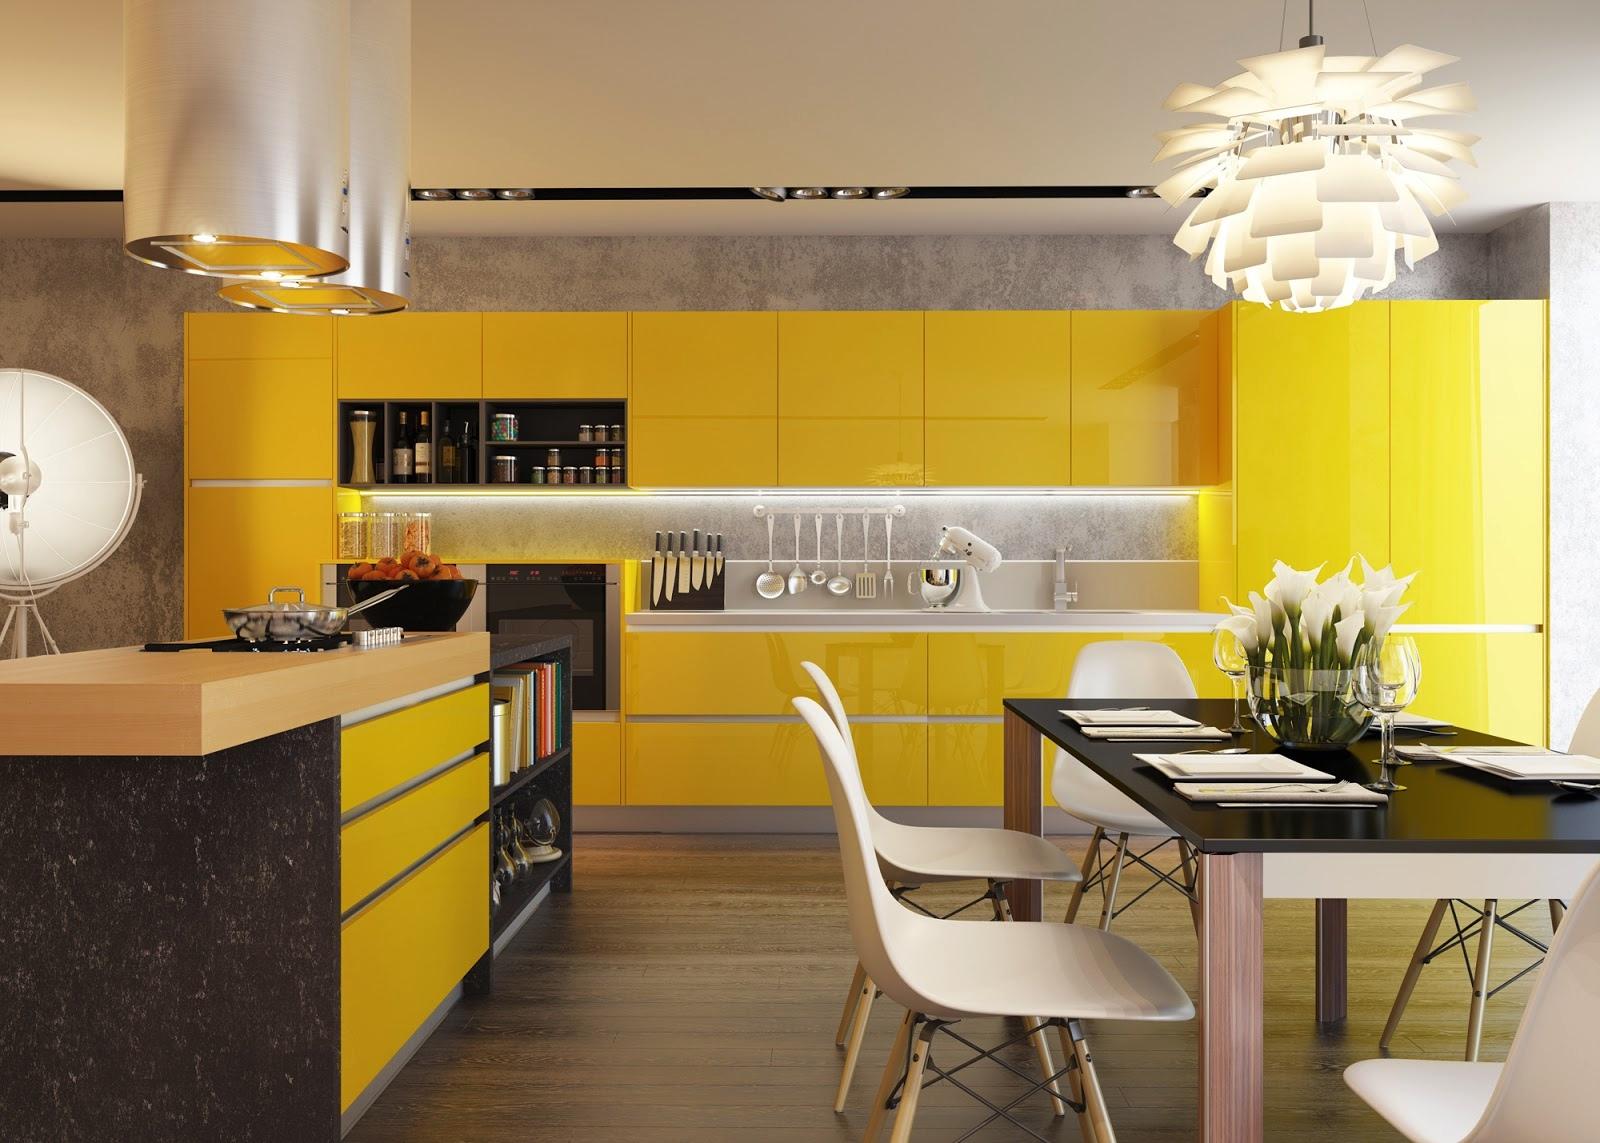 19 Yellow kitchen units